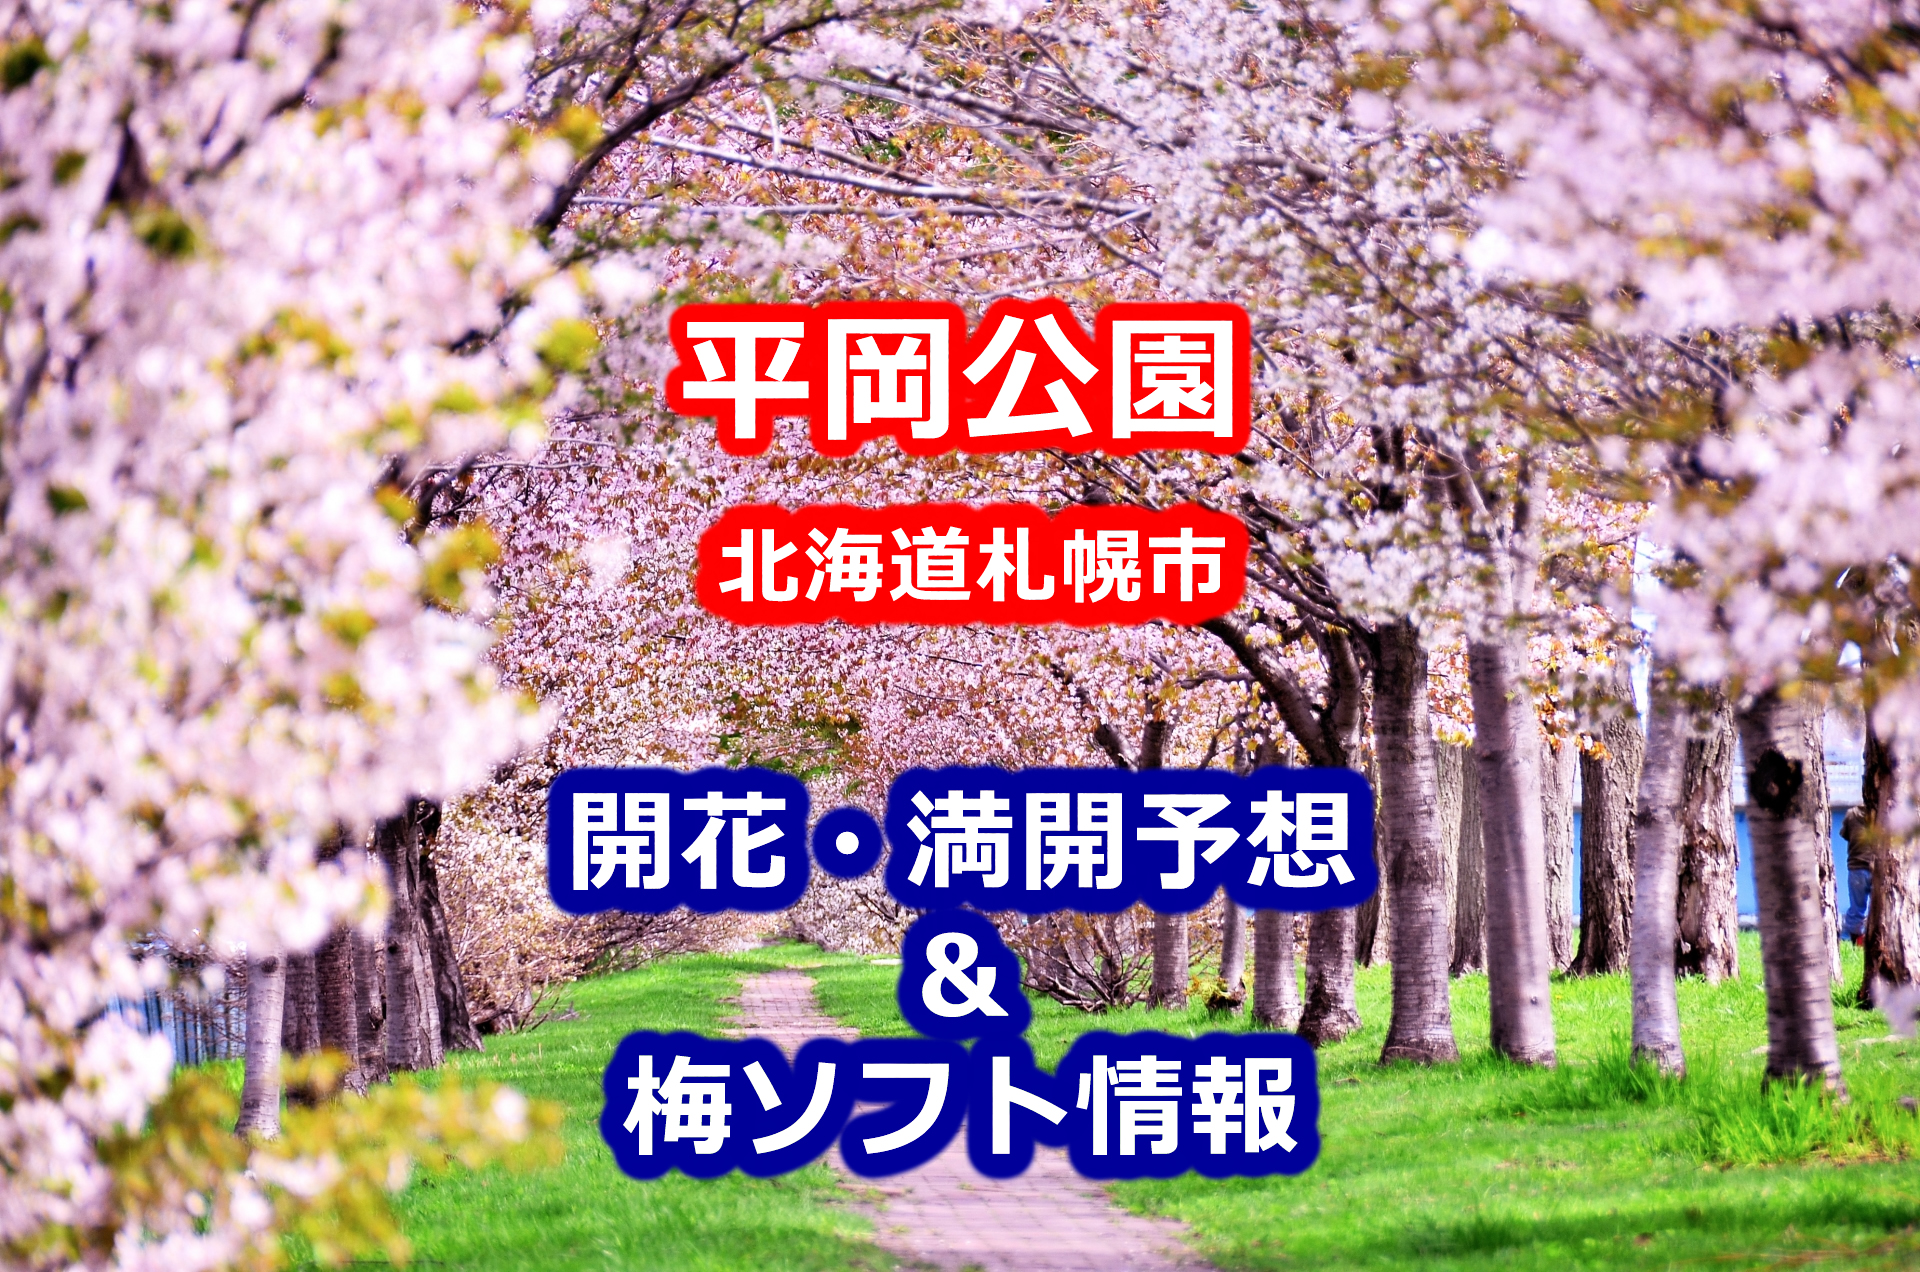 2020年平岡公園(北海道札幌市)の梅開花・満開予想と名物梅ソフトが食べられる売店情報